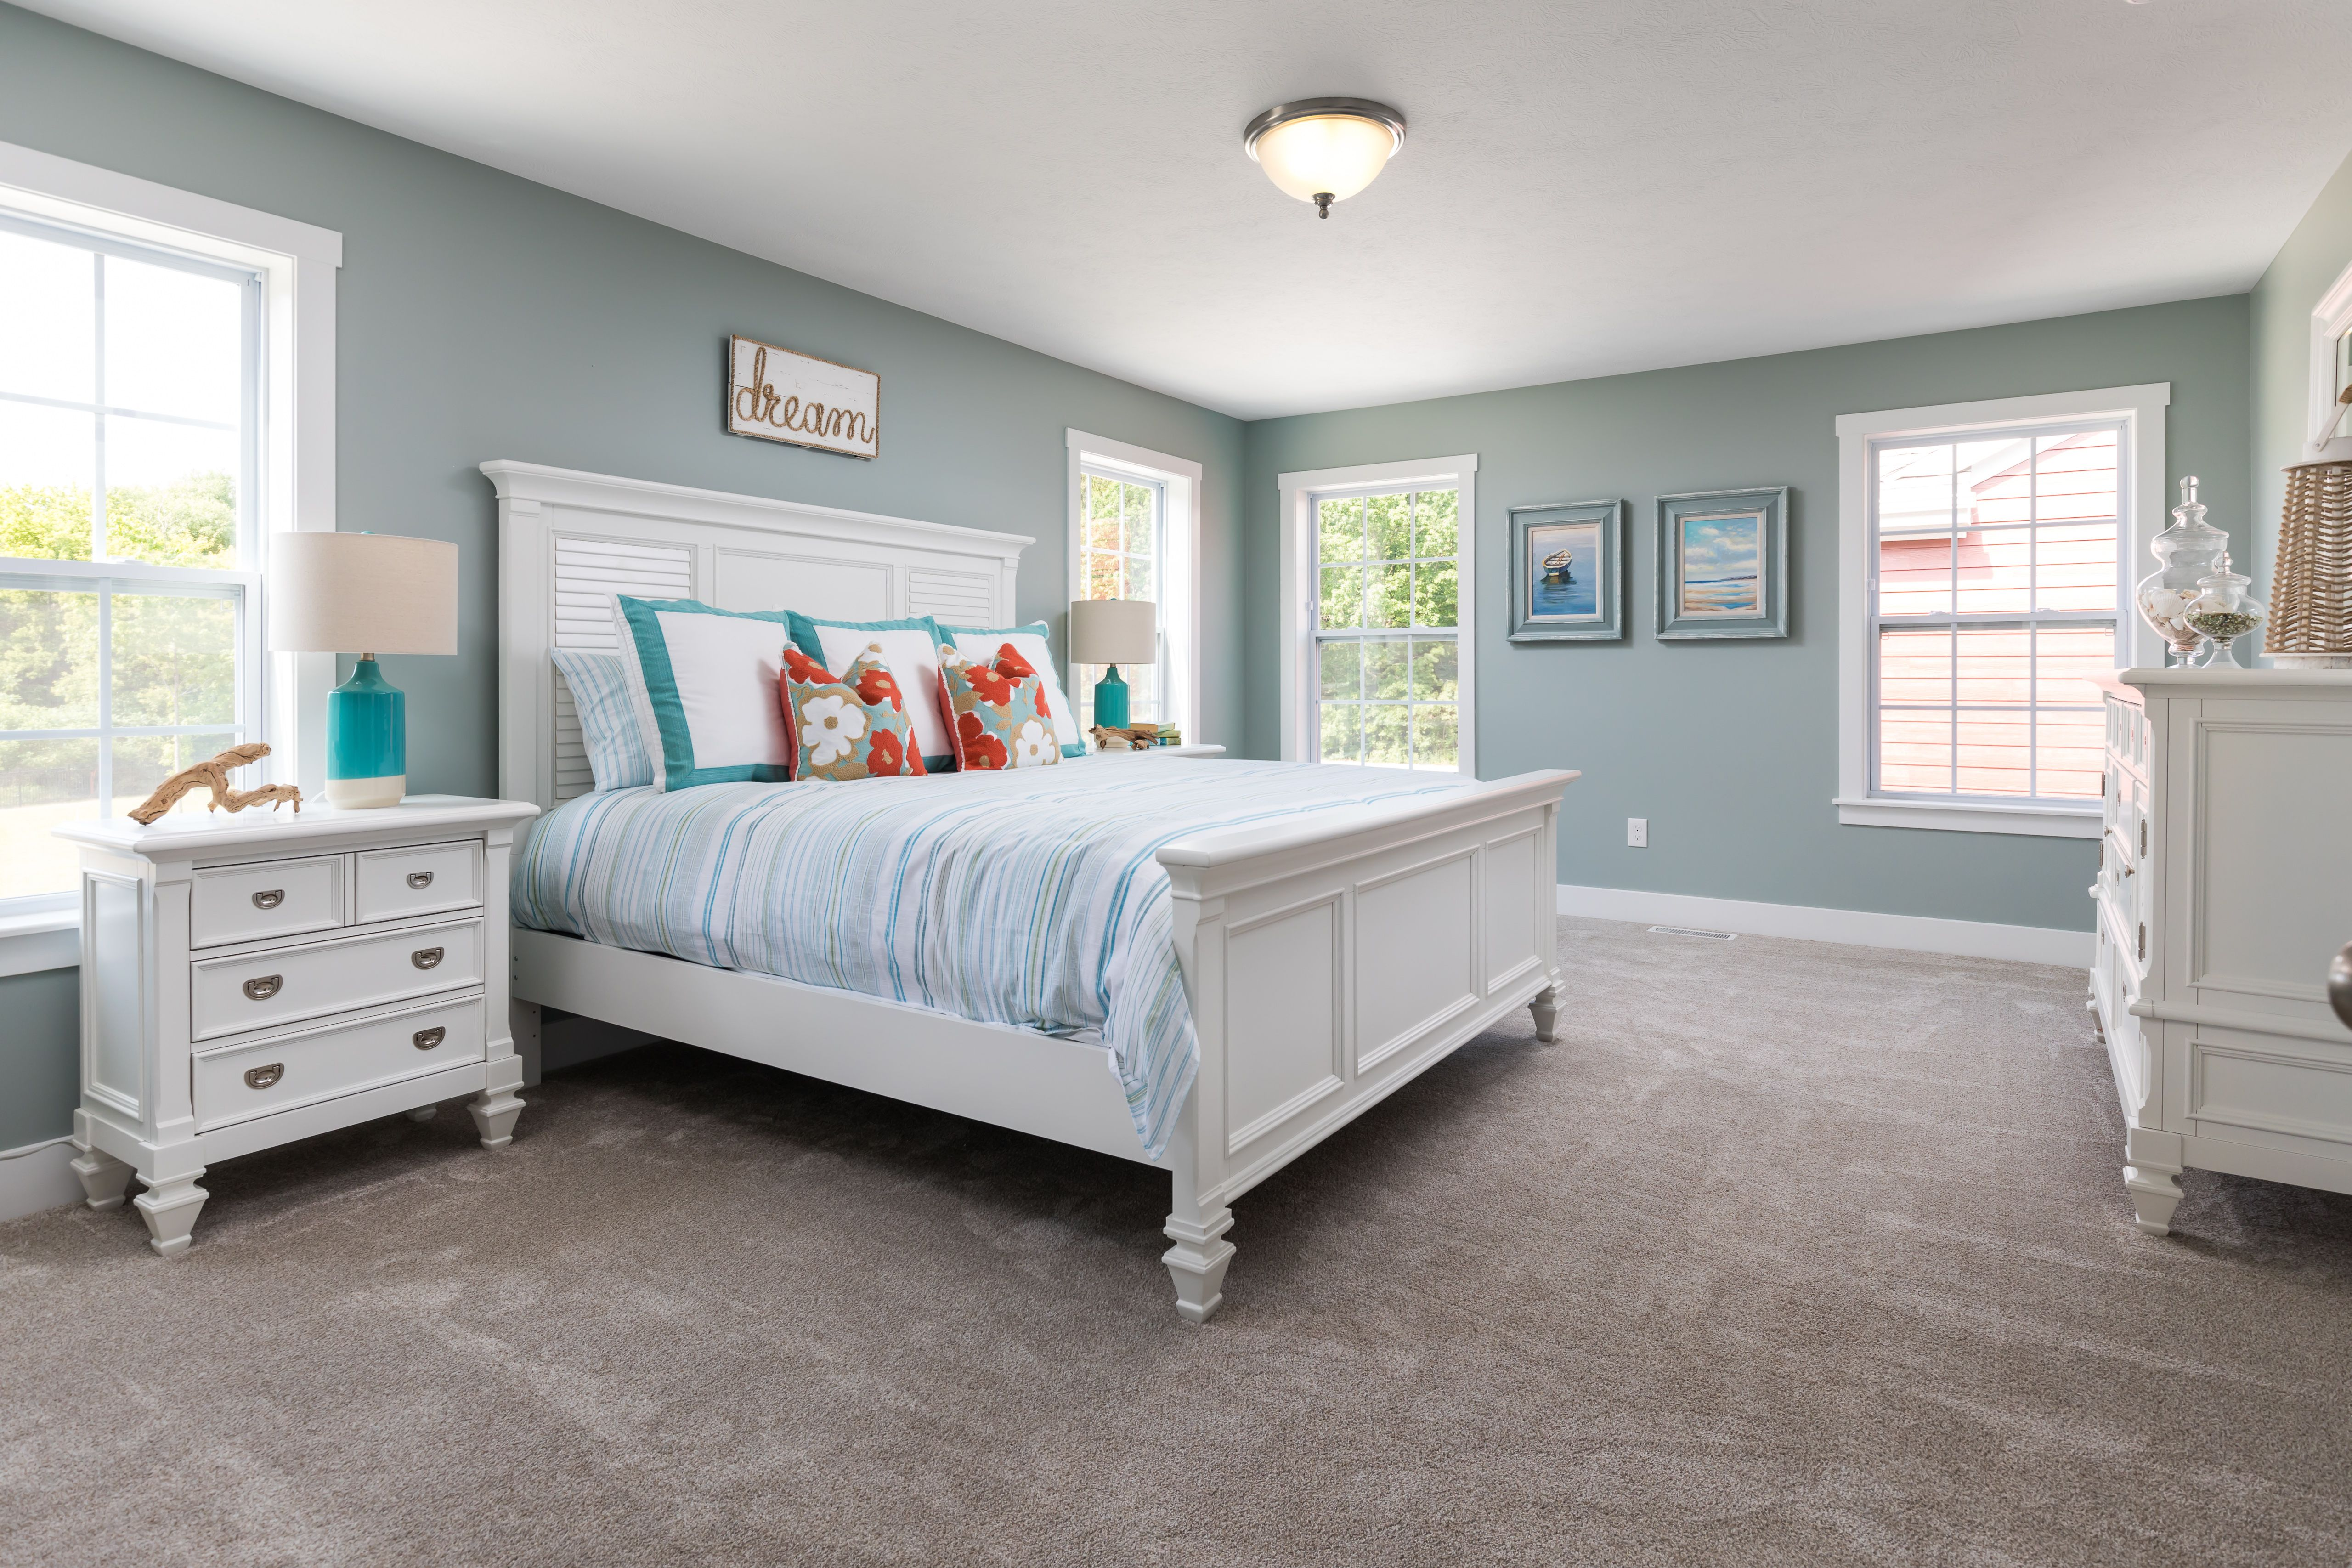 Bedroom featured in the Elements 2390 By Allen Edwin Homes in Benton Harbor, MI